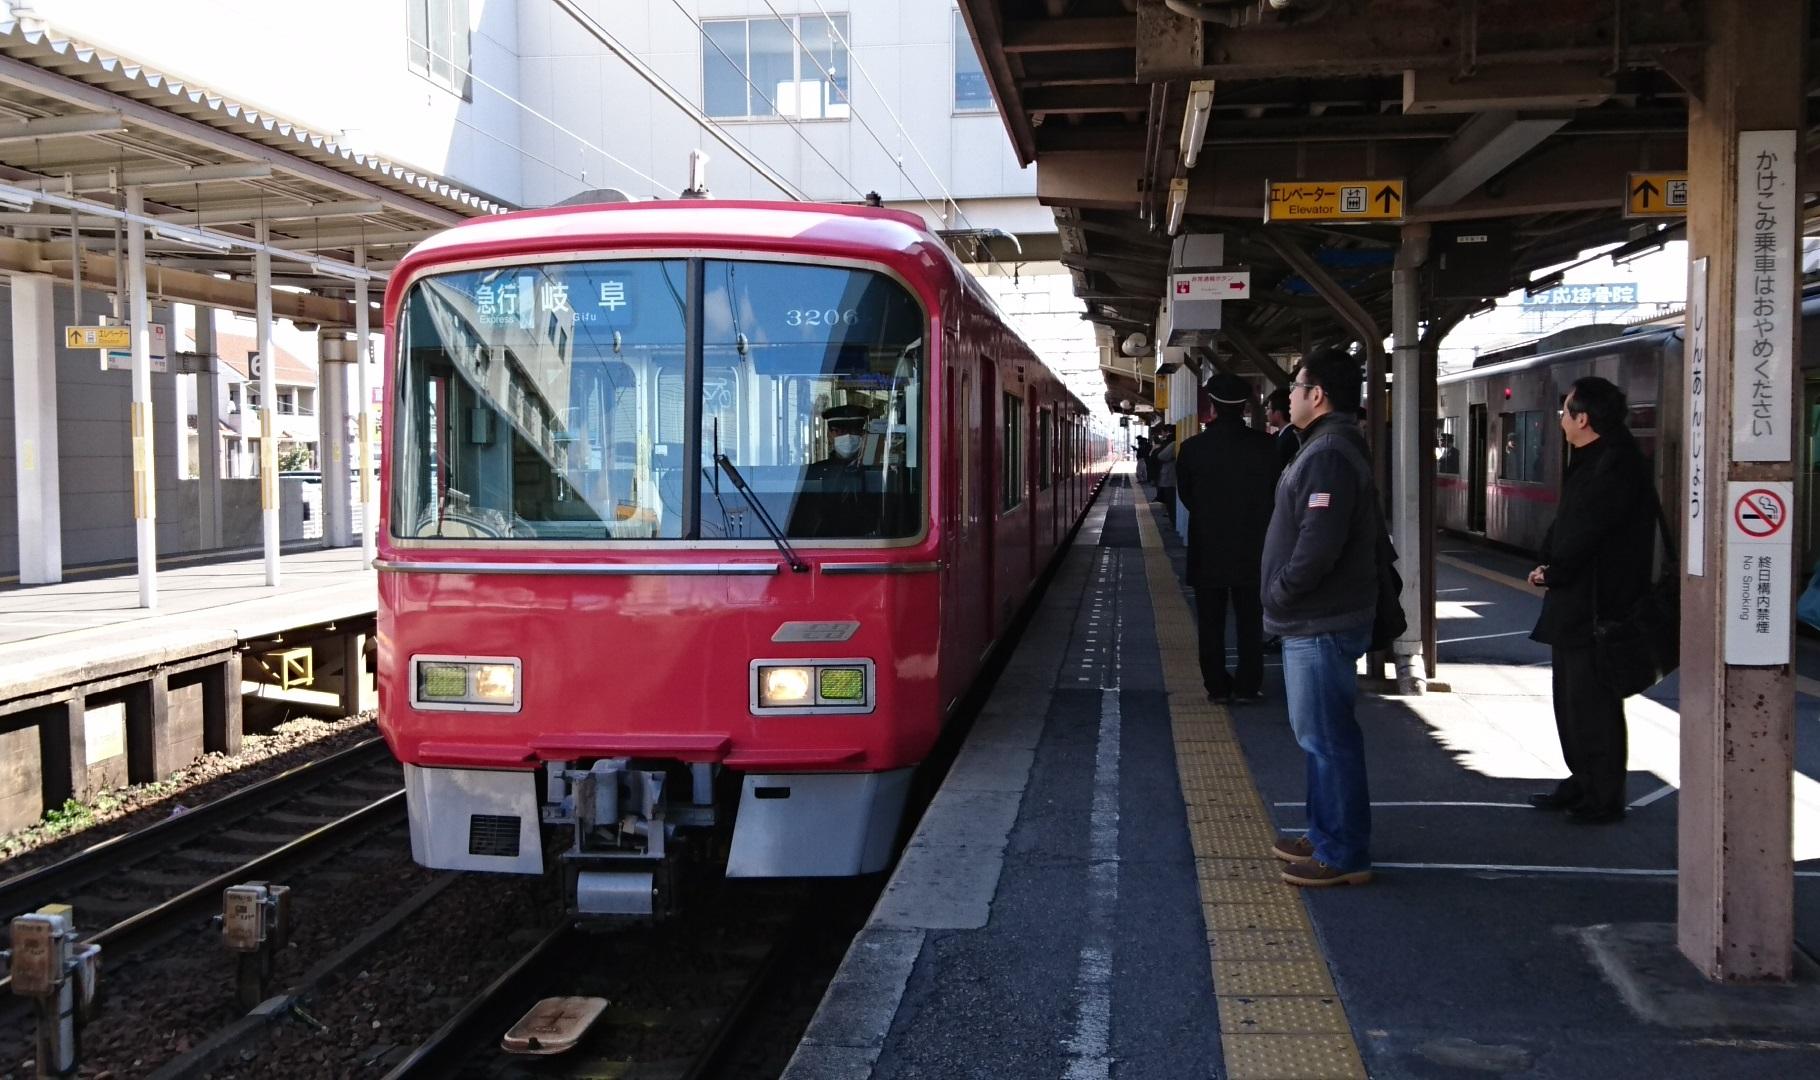 2017.2.10 名古屋本線 (8) しんあんじょう - 岐阜いき急行 1820-1080